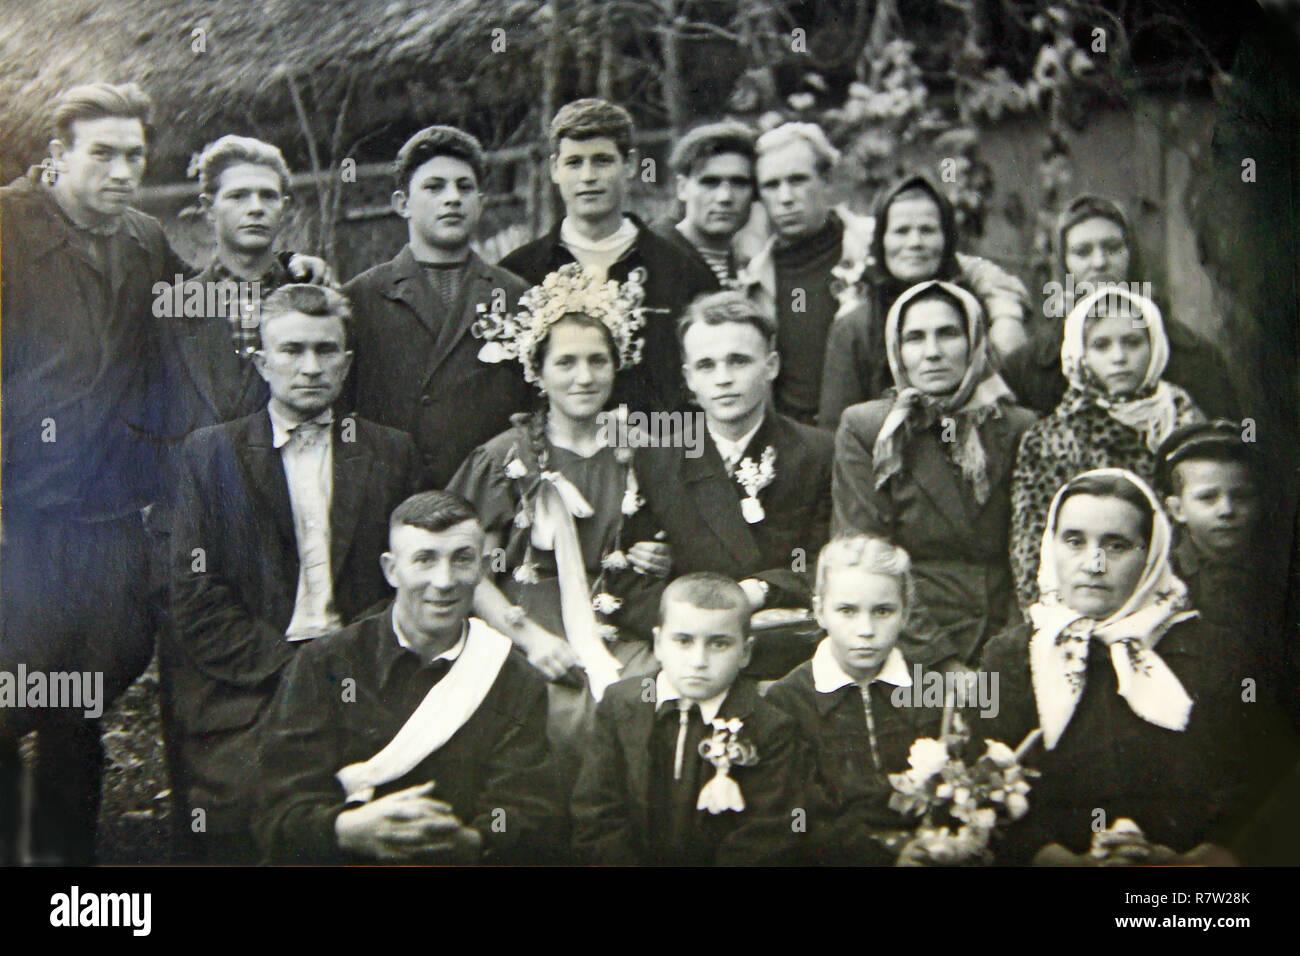 Matrimonio In Nero : Vintage foto di gruppo di persone sul matrimonio. bianco e nero